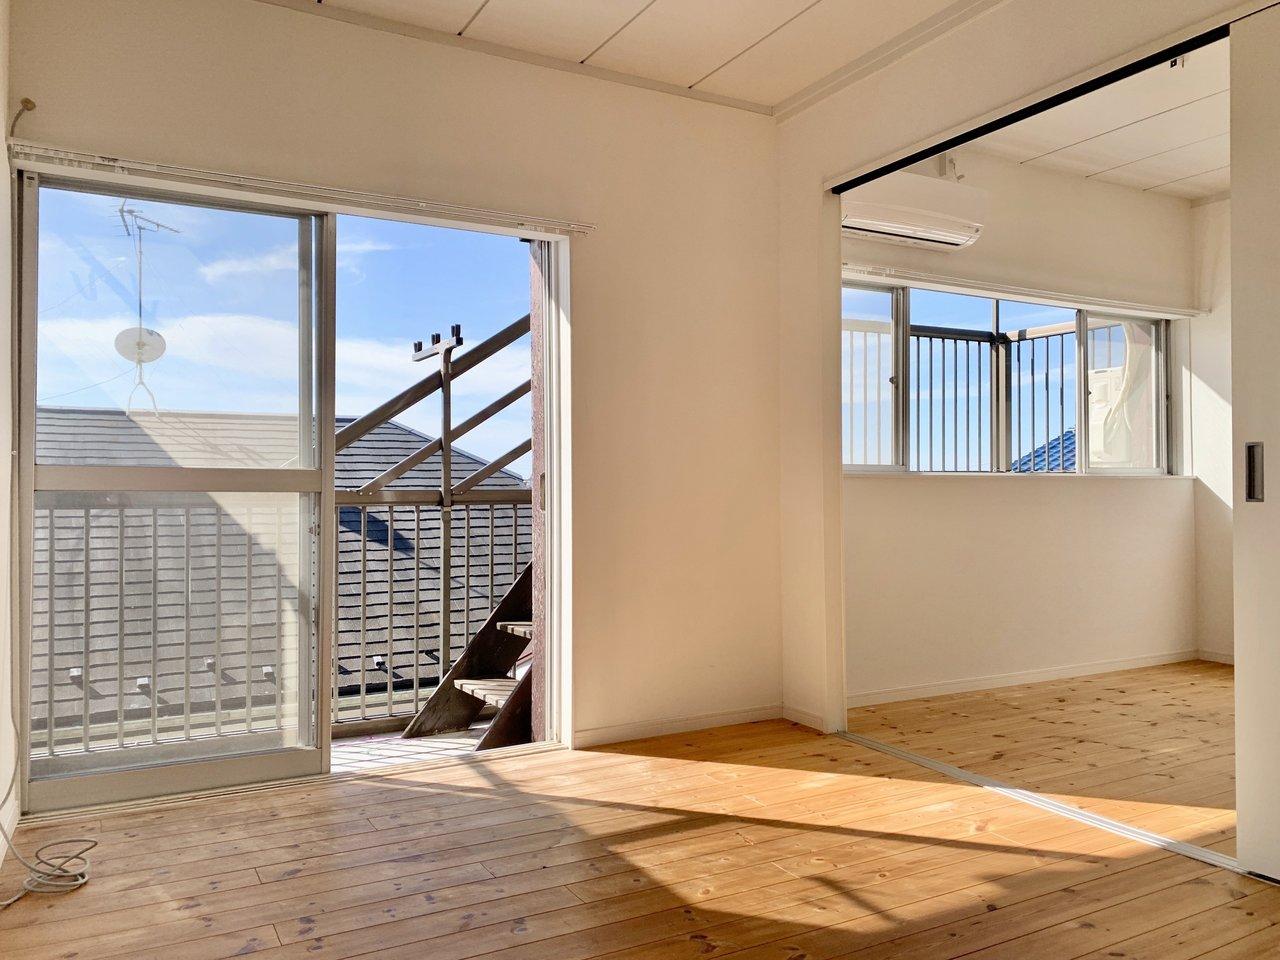 2階には洋室が3部屋あります。うち2つの部屋は仕切りをなくすこともできるので、ライフスタイルに合わせて様々な使い方ができそうです。